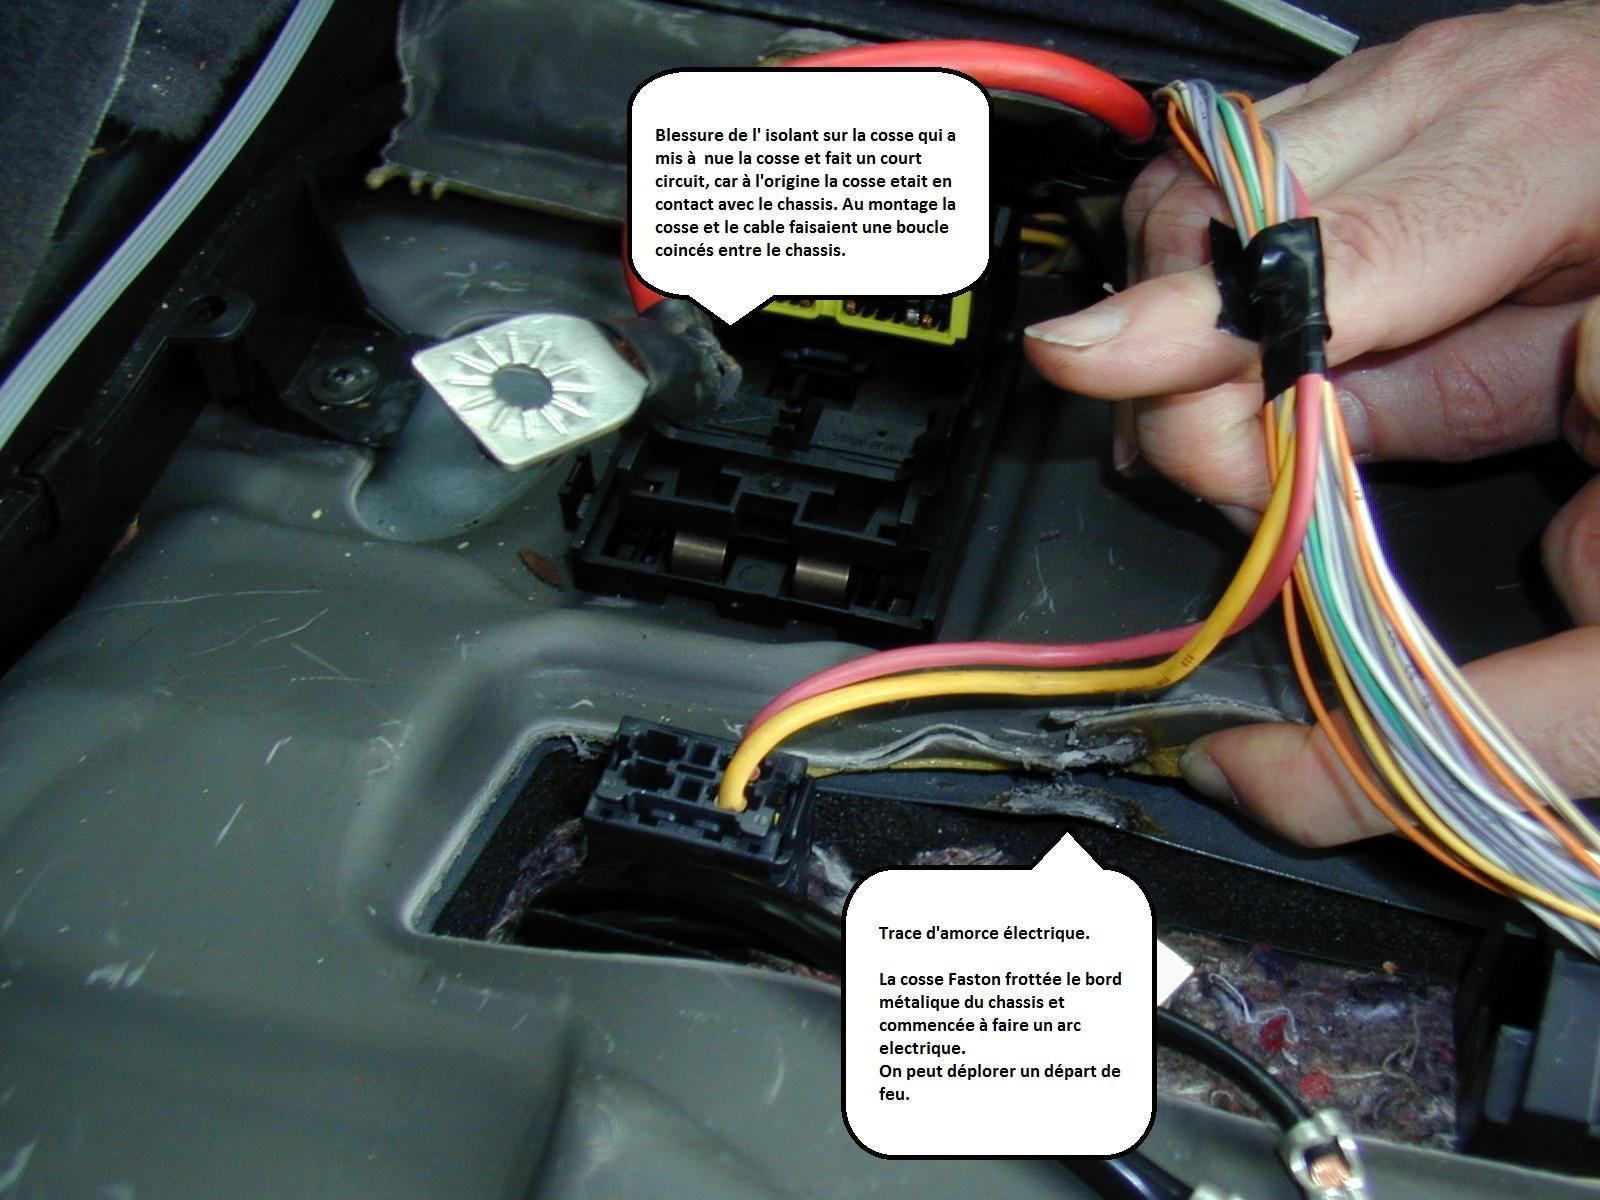 Espace iv sieges electriques immobiles r solu r gl p0 plan te renault - Probleme electrique maison court circuit ...